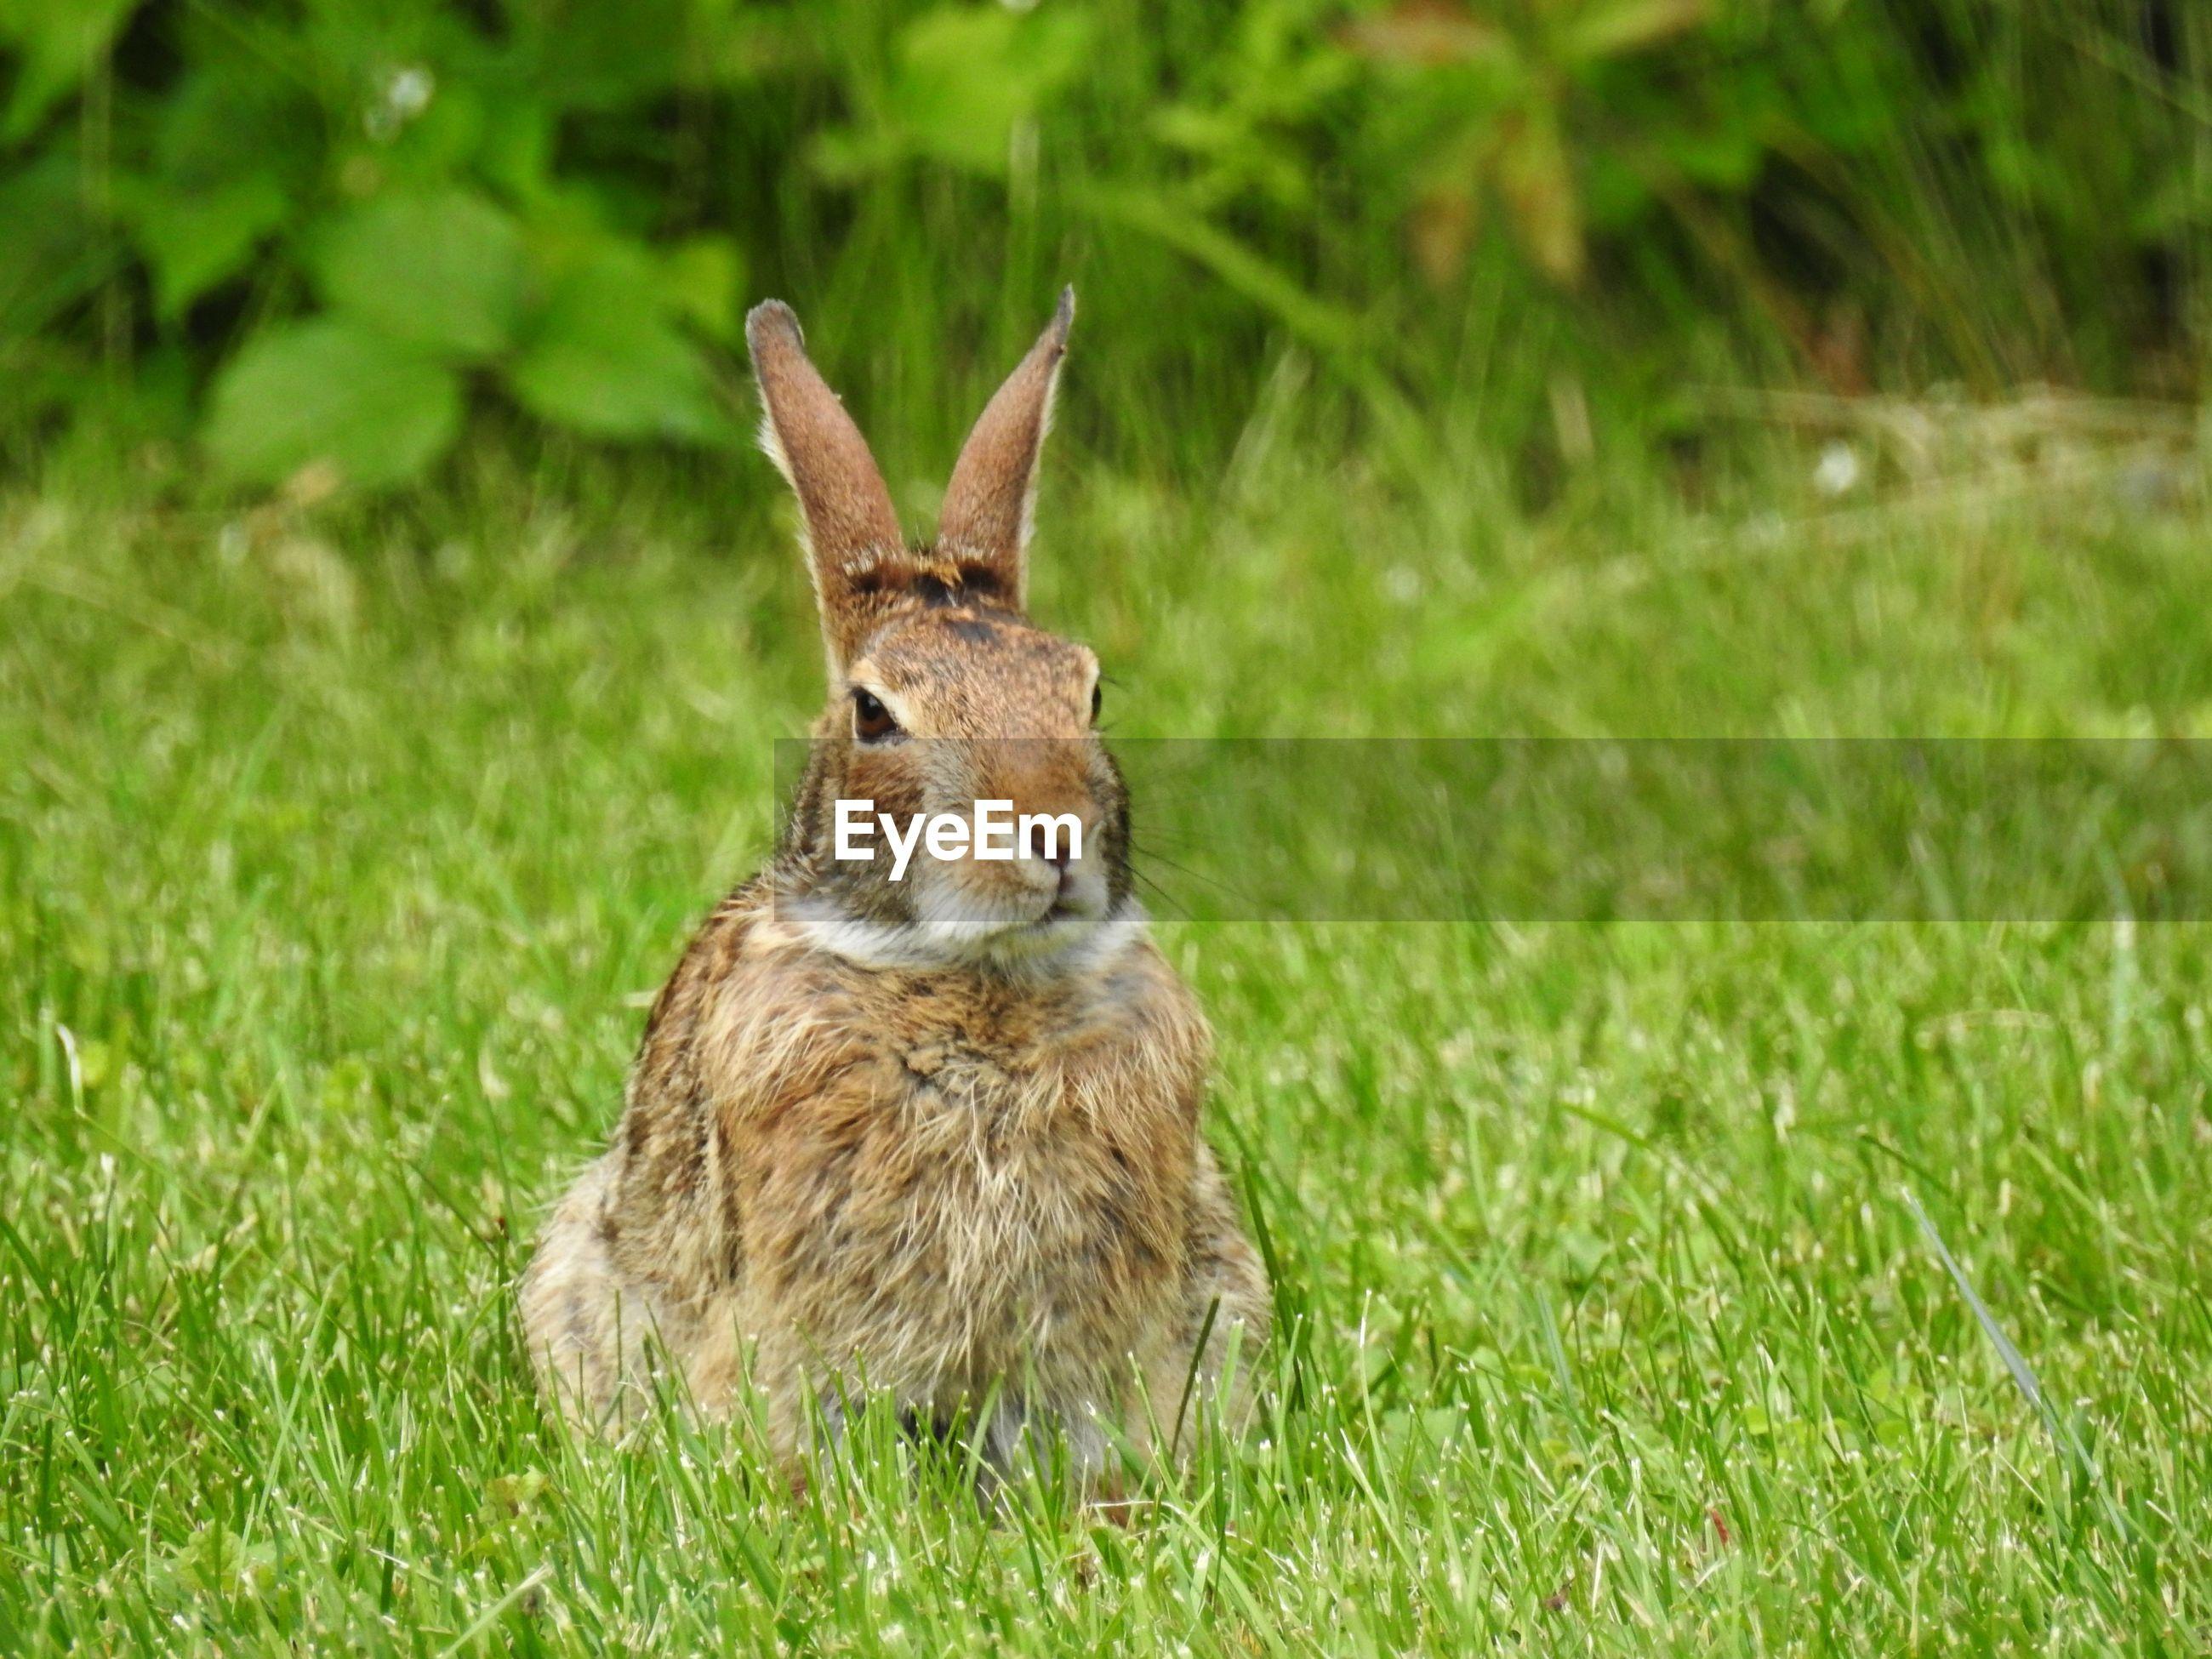 Wild rabbit sitting on grass